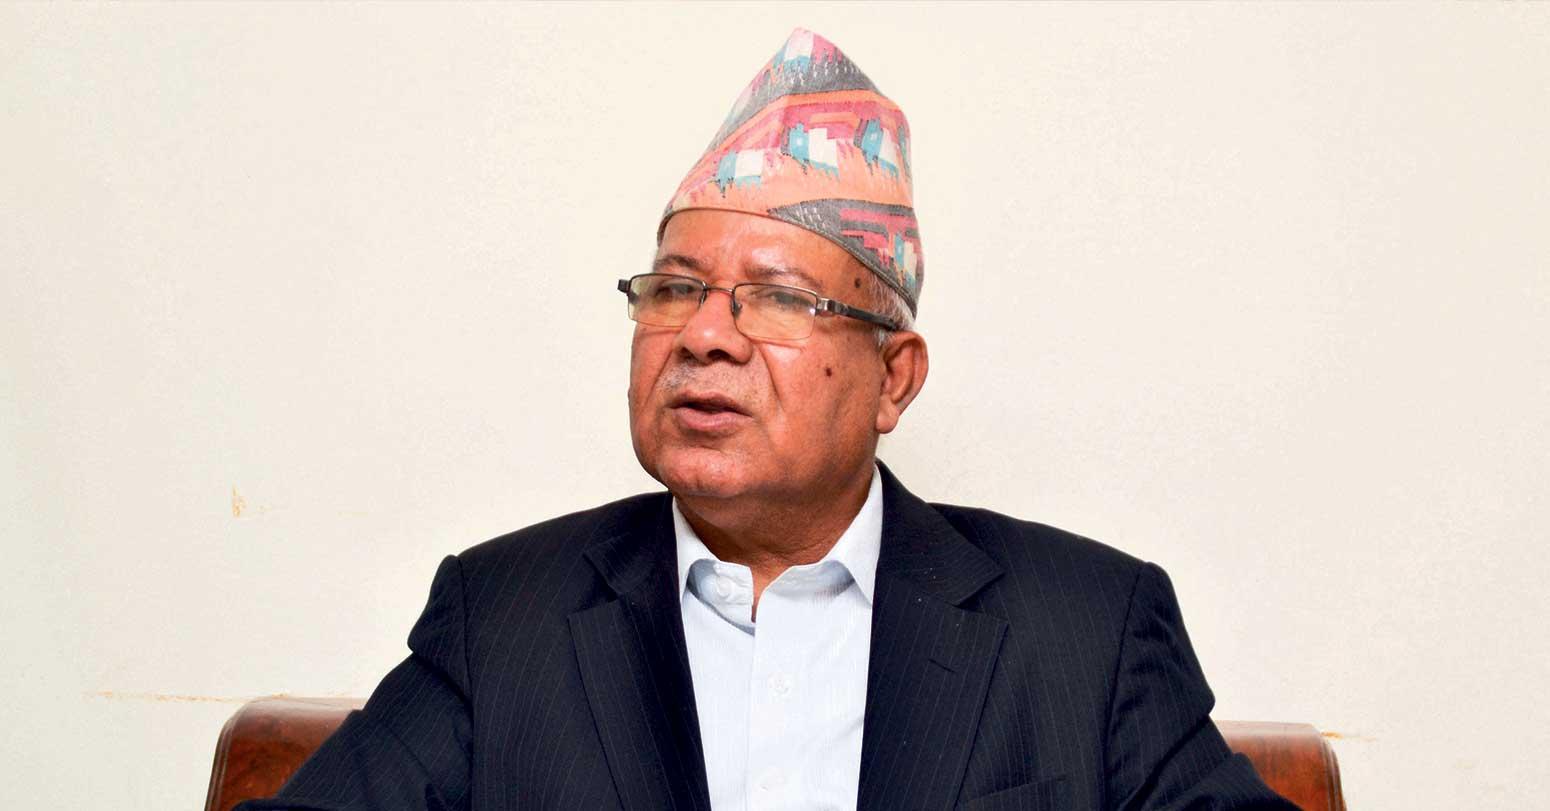 एमालेकाे नेपाल समूहकाे  केन्द्रीय कमिटीको बैठकअघि स्थायी कमिटीको बैठक बस्दै